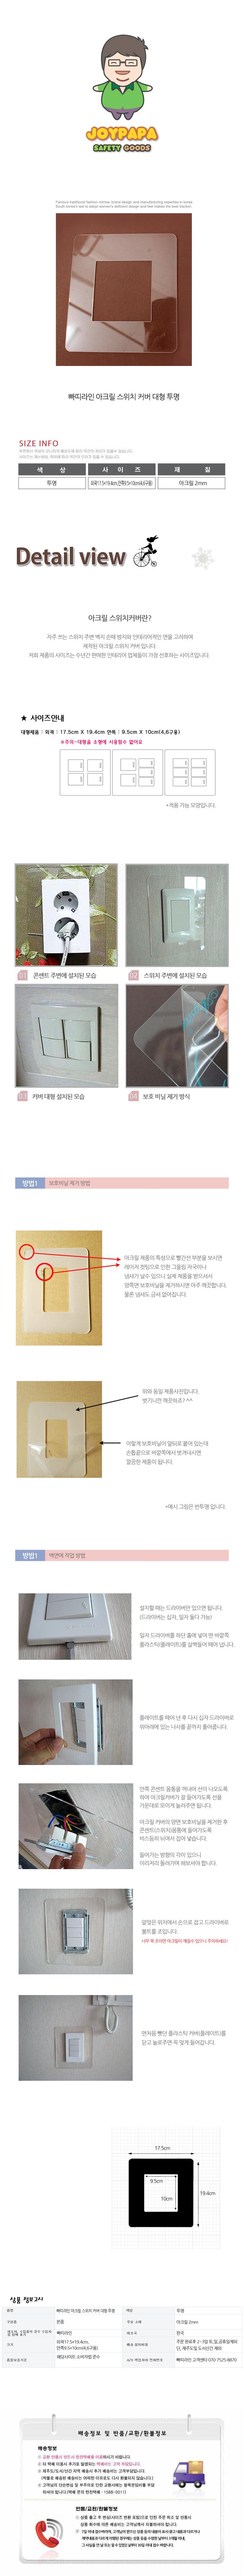 빠띠라인 아크릴 스위치 커버 대형 투명 - 빠띠빠띠, 1,700원, 장식/부자재, 벽장식